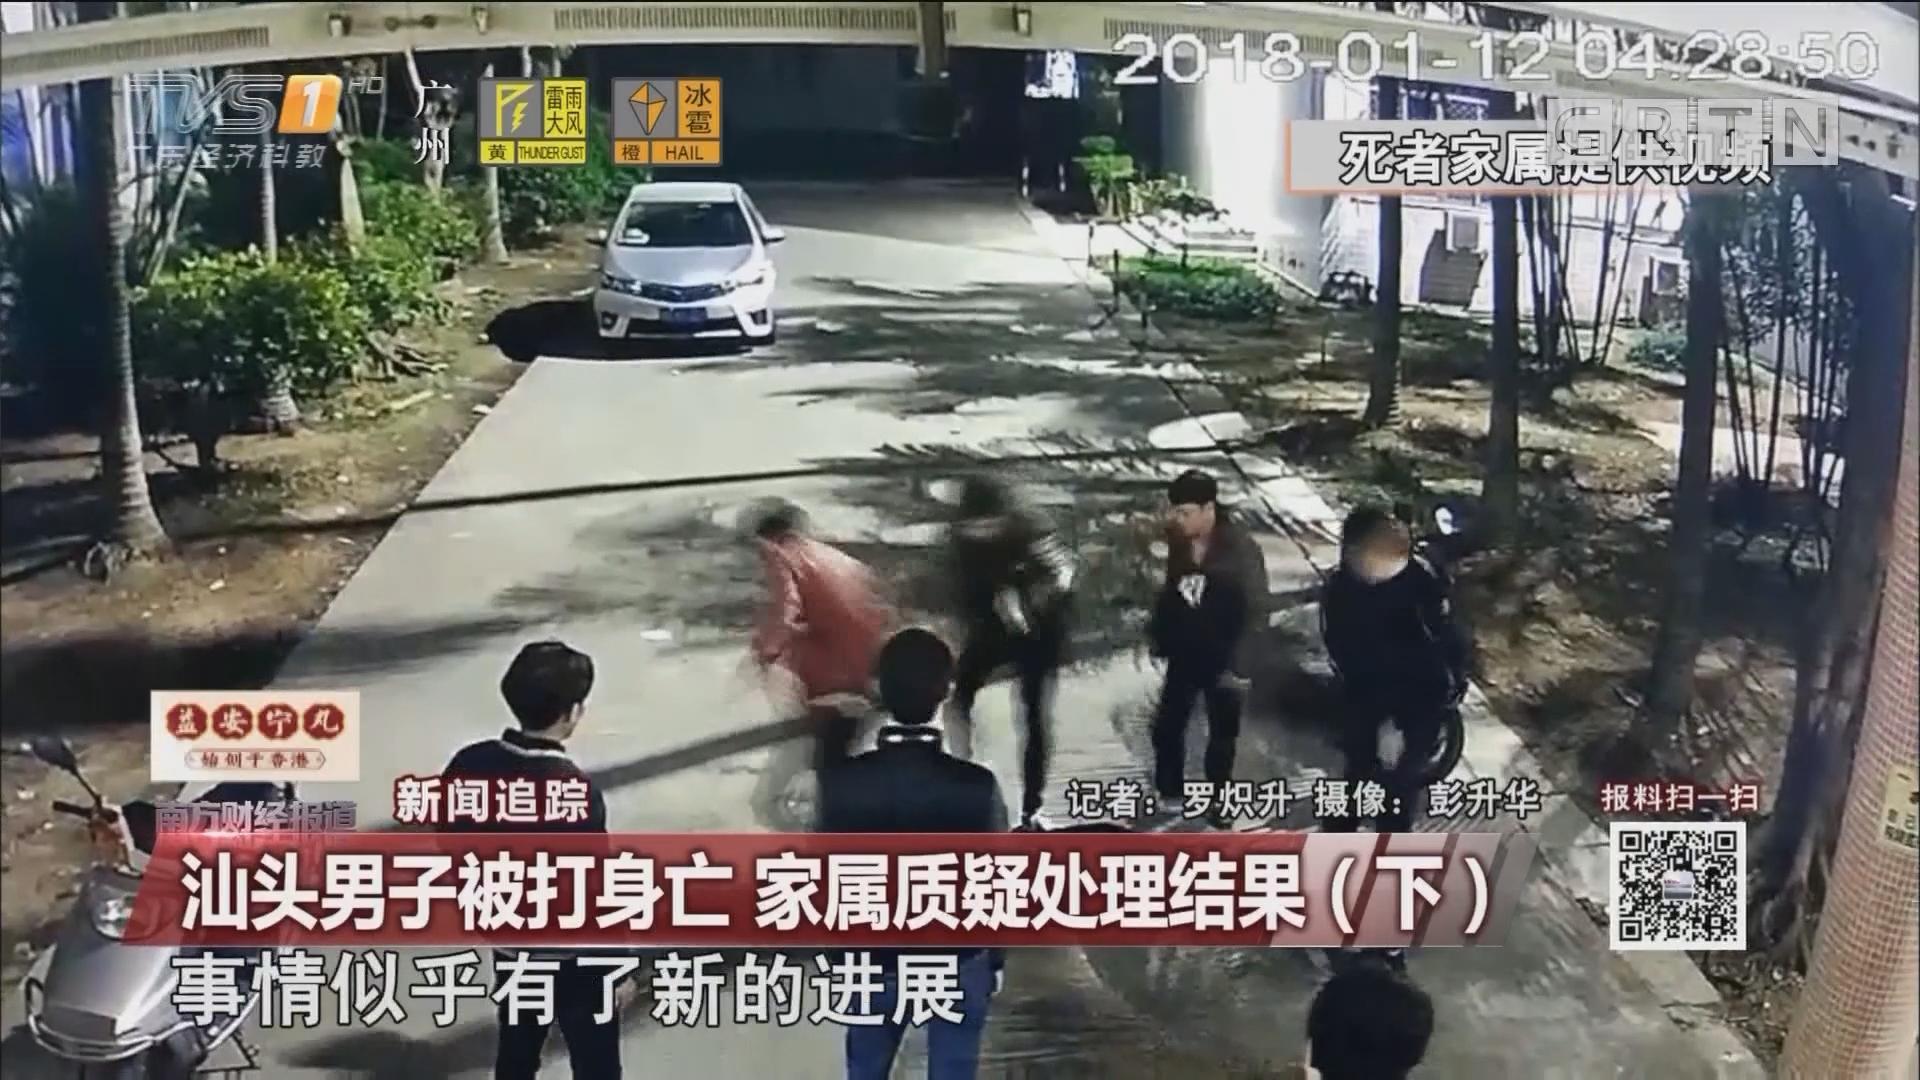 新闻追踪:汕头男子被打身亡 家属质疑处理结果(下)